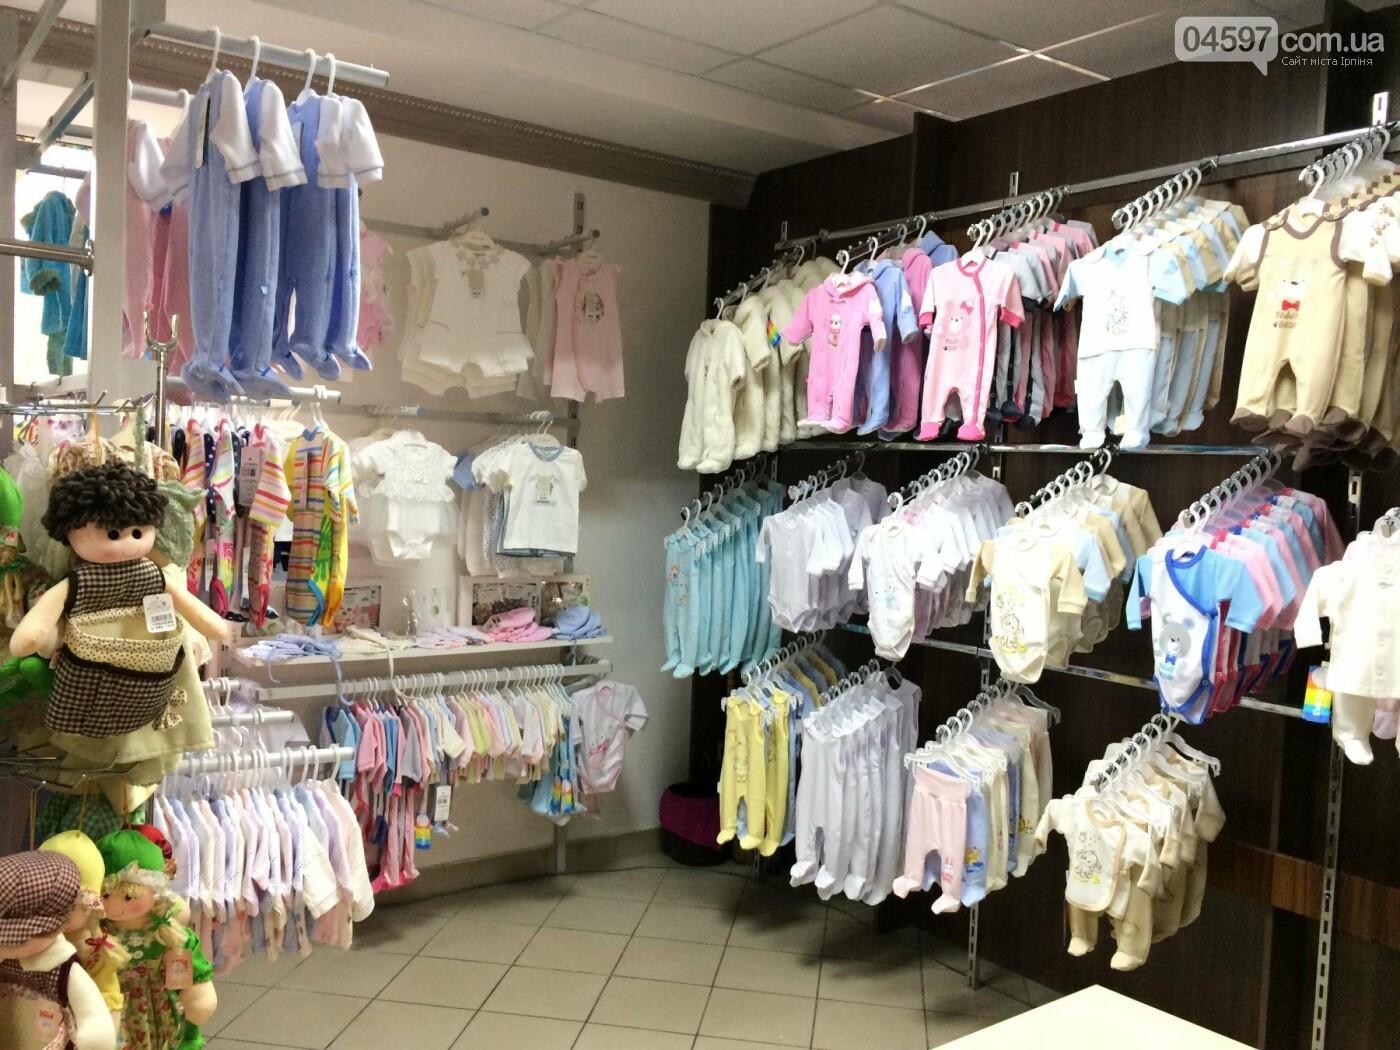 Де купити дитячий одяг в Ірпені: асортимент та ціни, фото-46